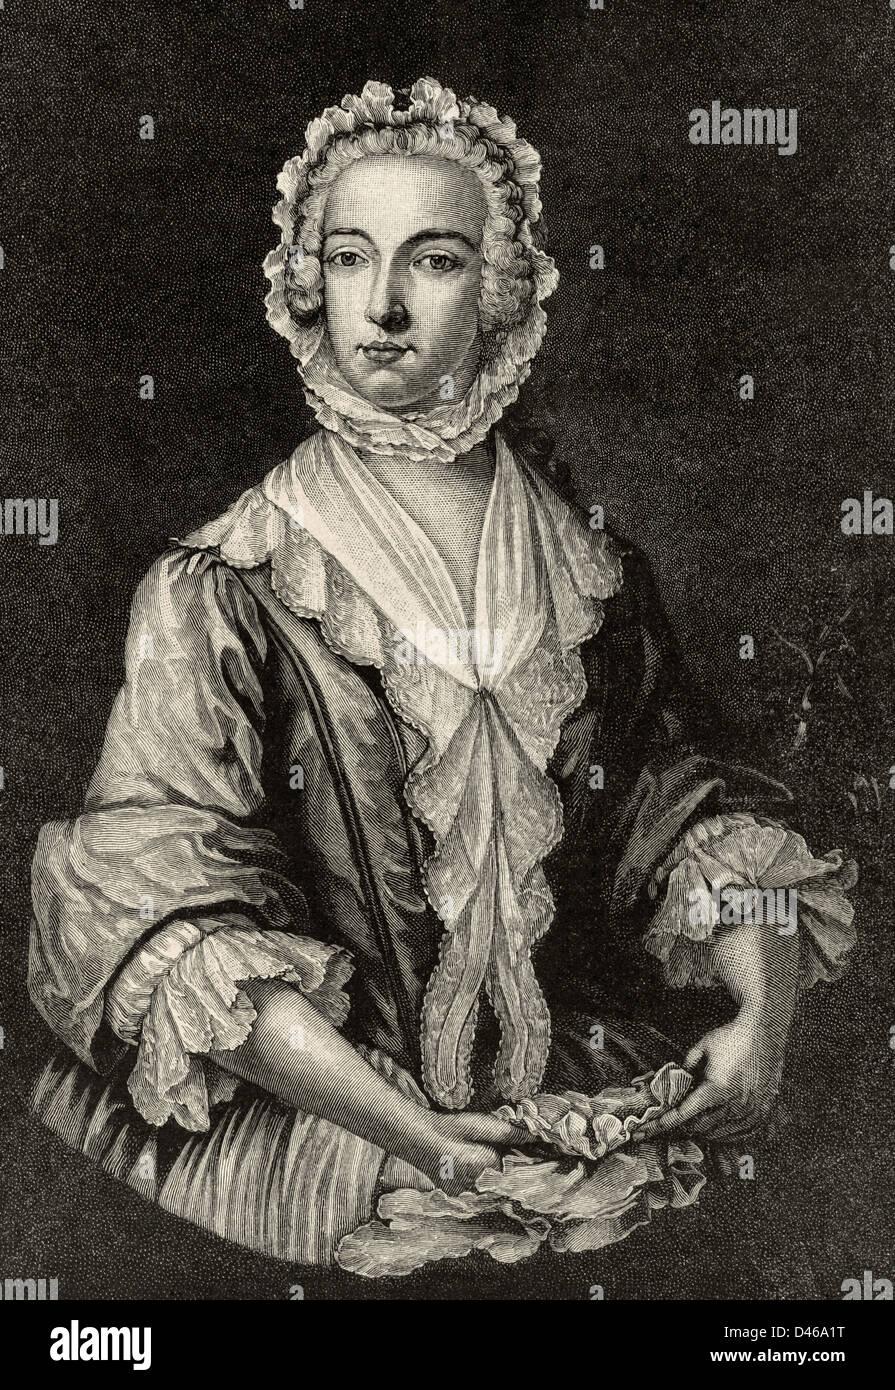 Charles Edward Stuart (1720-1788). Scottish aristocrat. Prince Charles Edward Stuart disguised as Betty Burke, 1747. - Stock Image